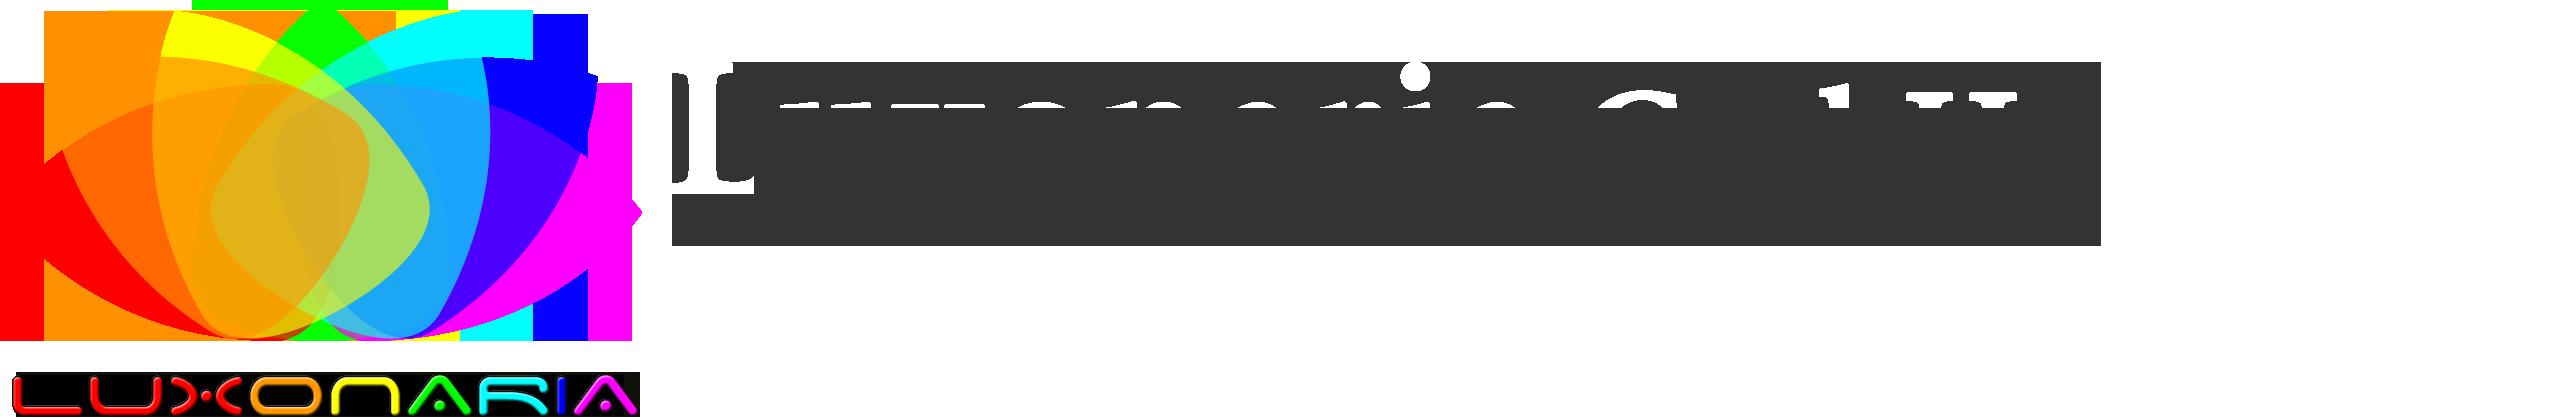 Luxonaria GmbH - Veranstaltungstechnik & Installation